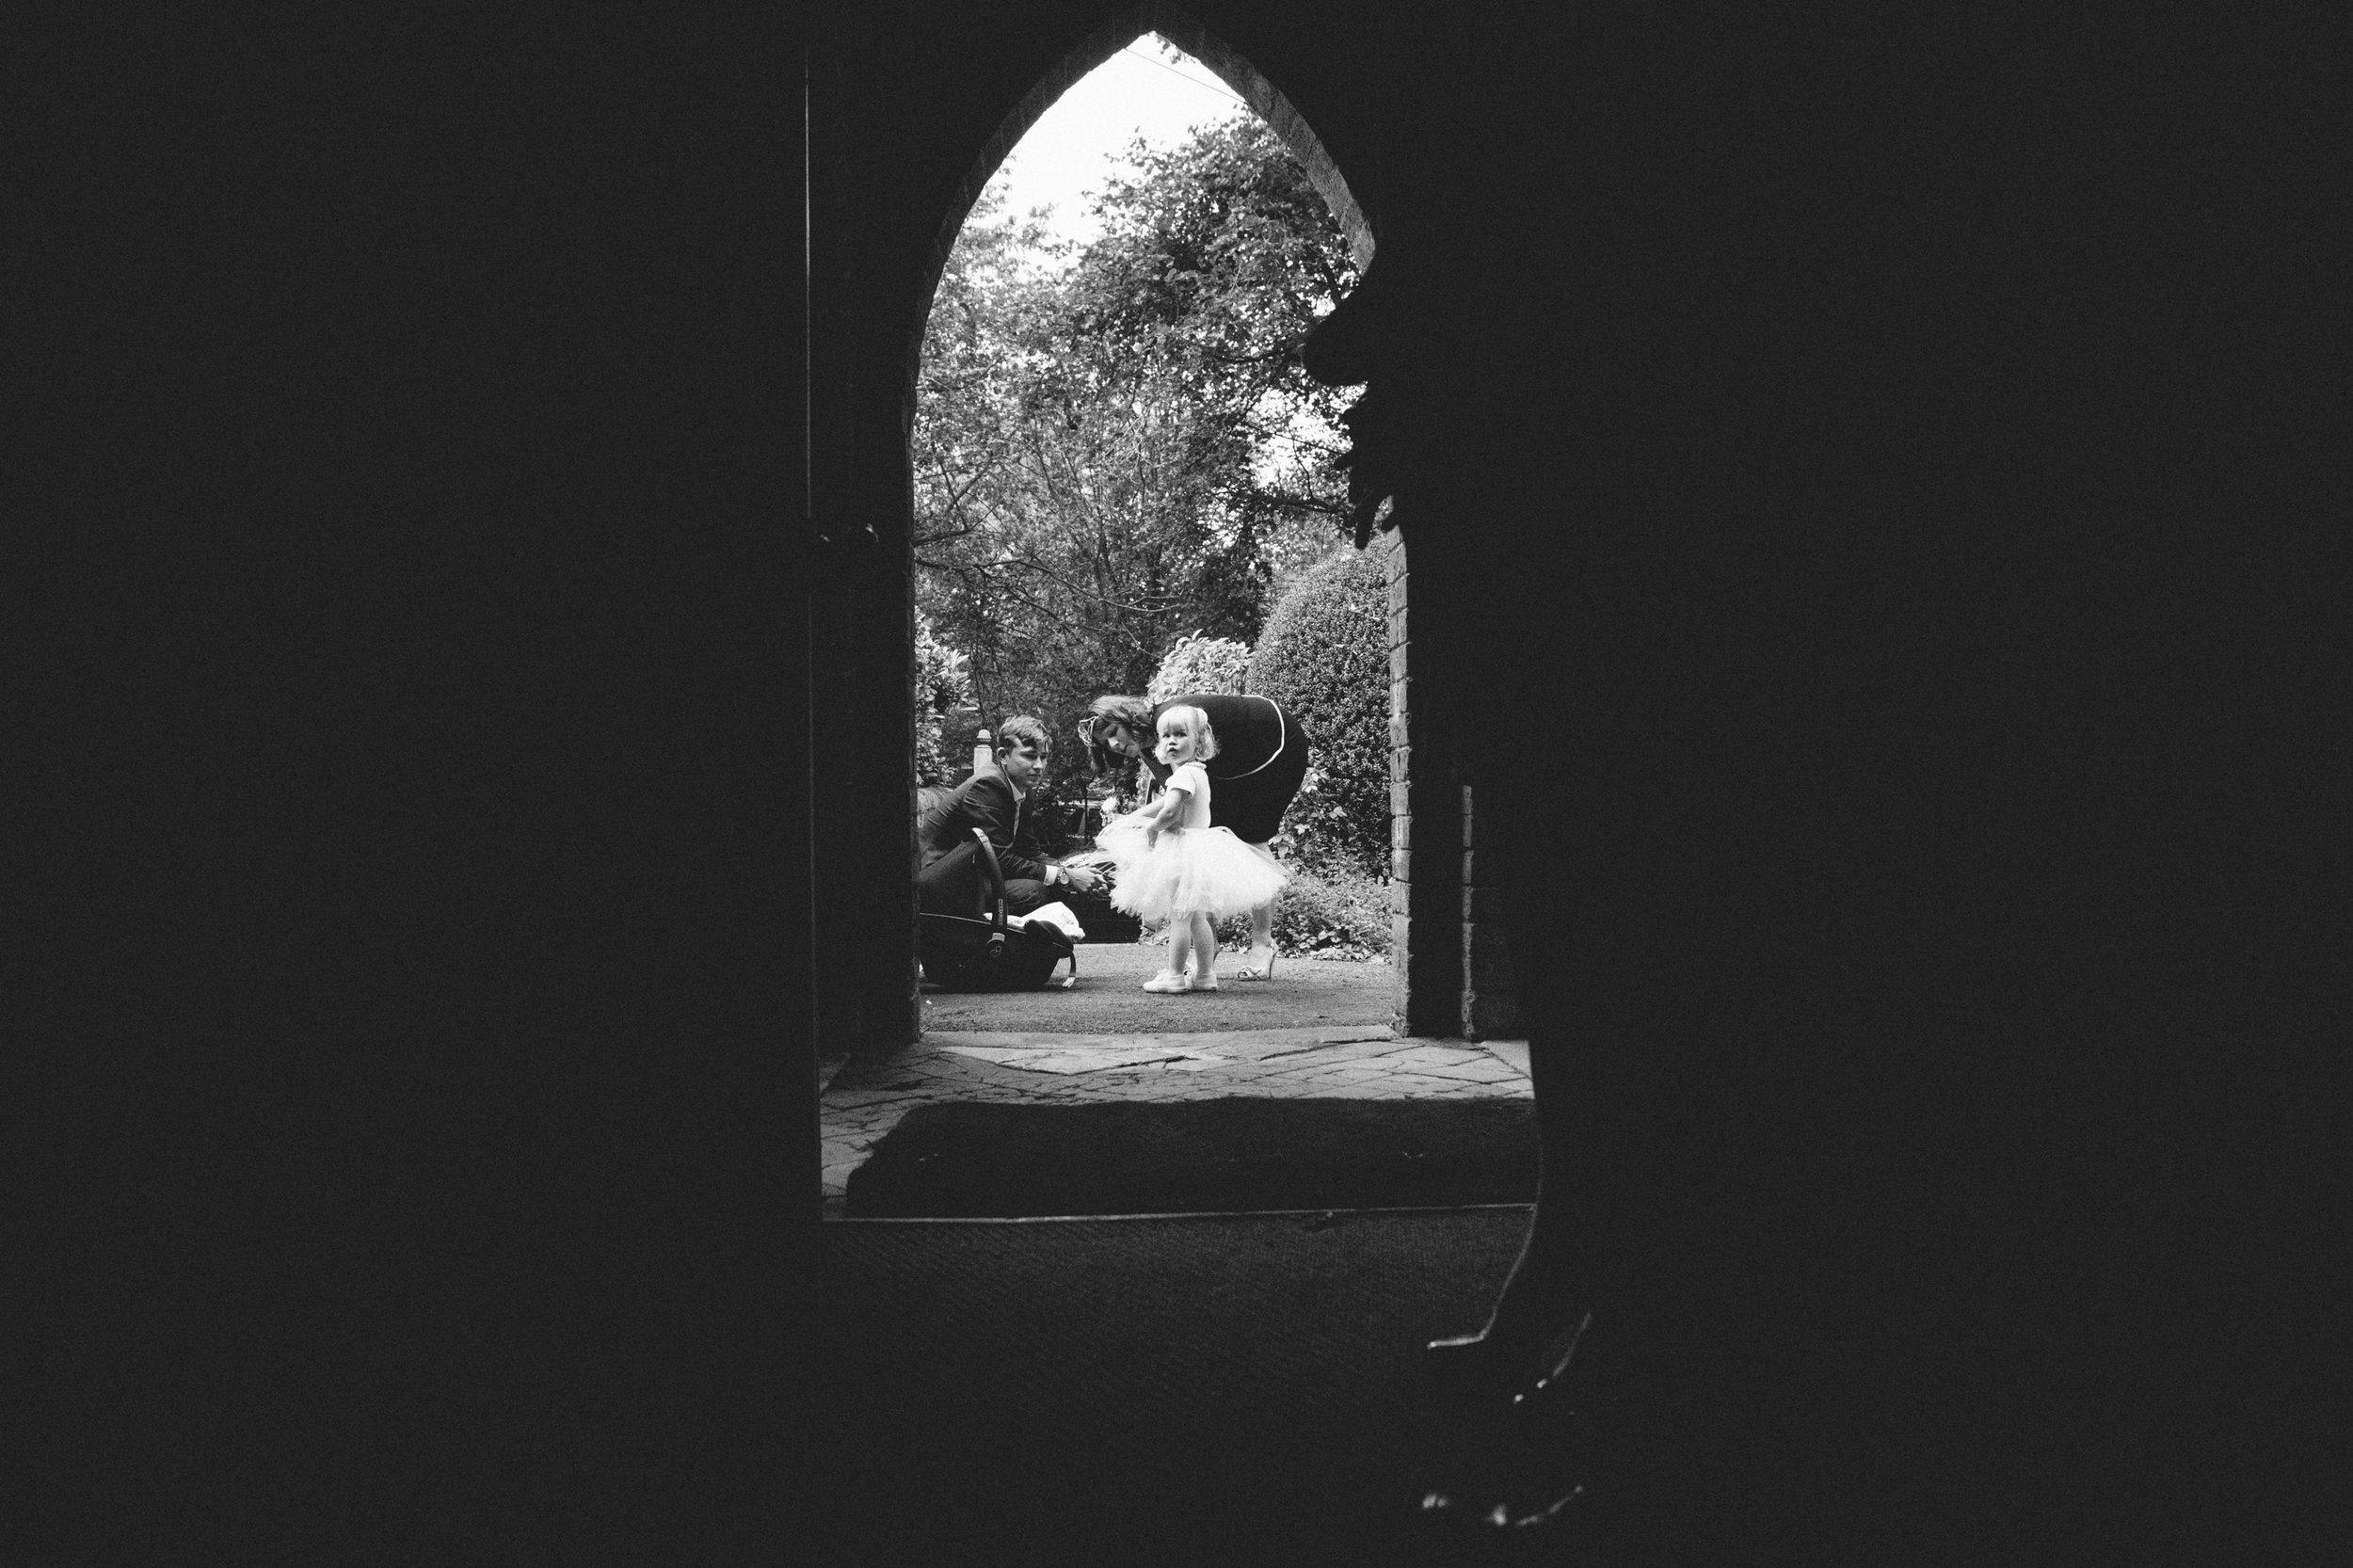 uk wedding photographer artistic wedding photography-45.jpg